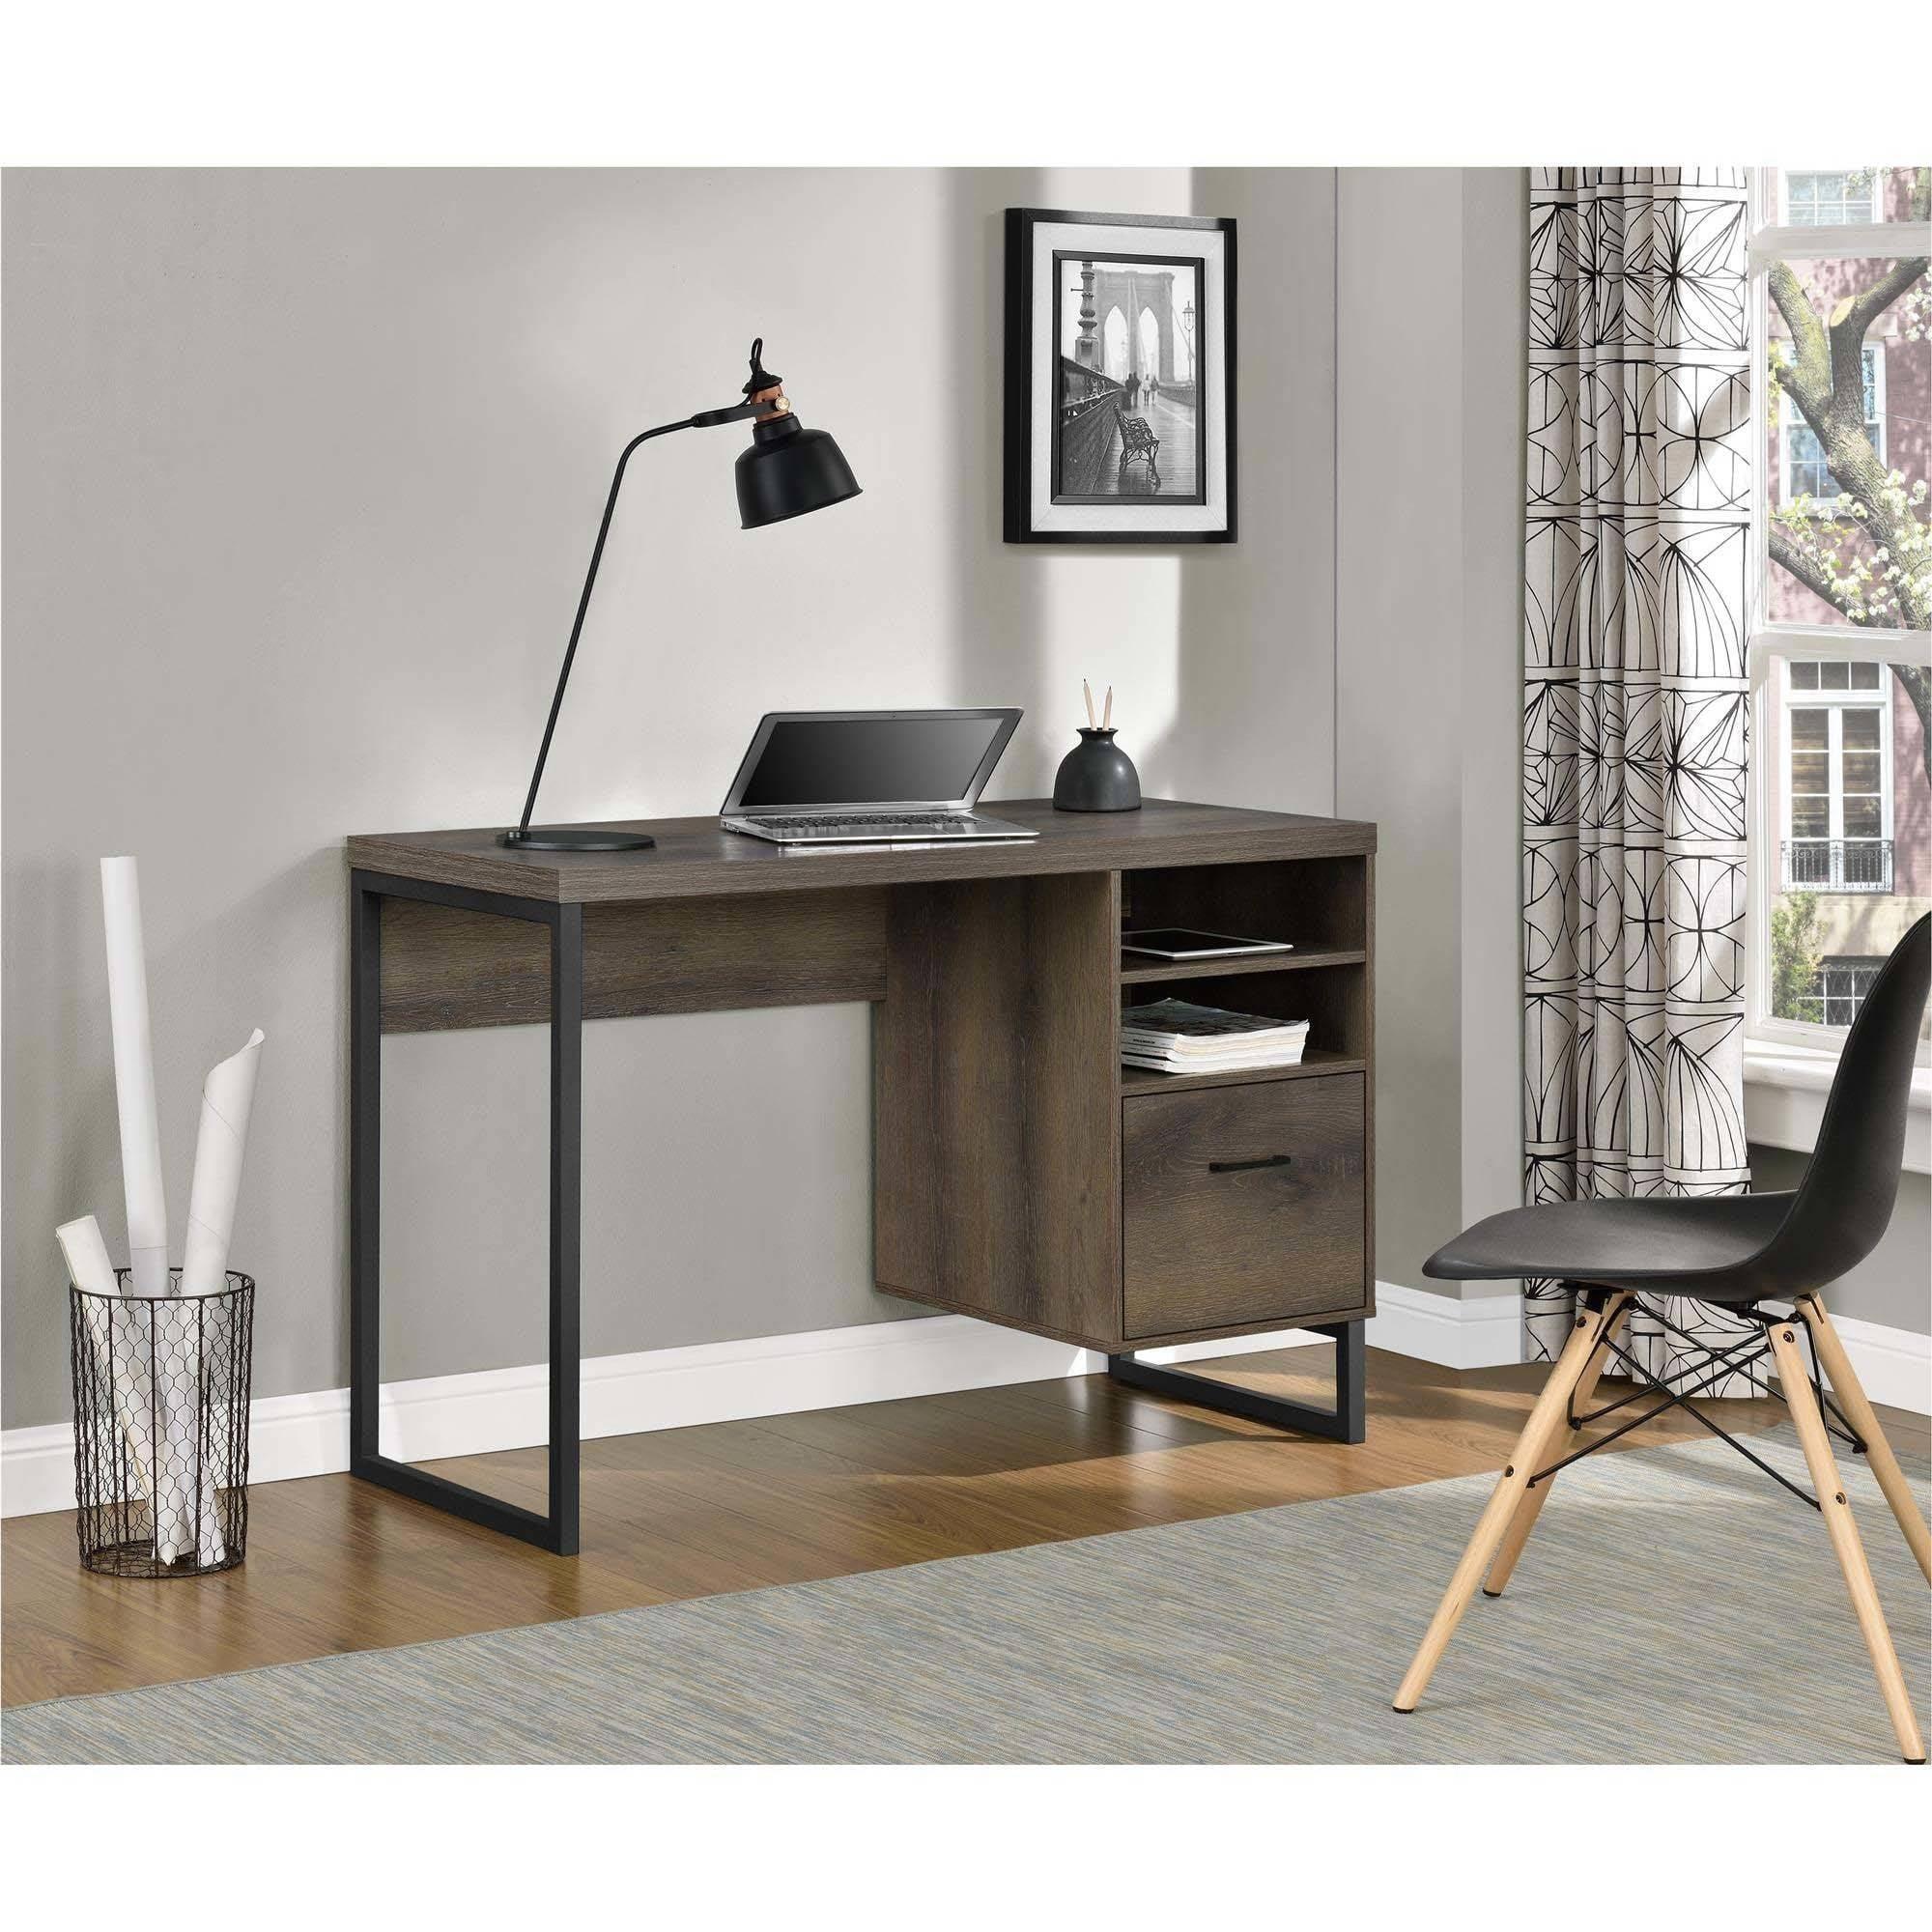 Ameriwood Home Candon Desk, Distressed Brown Oak